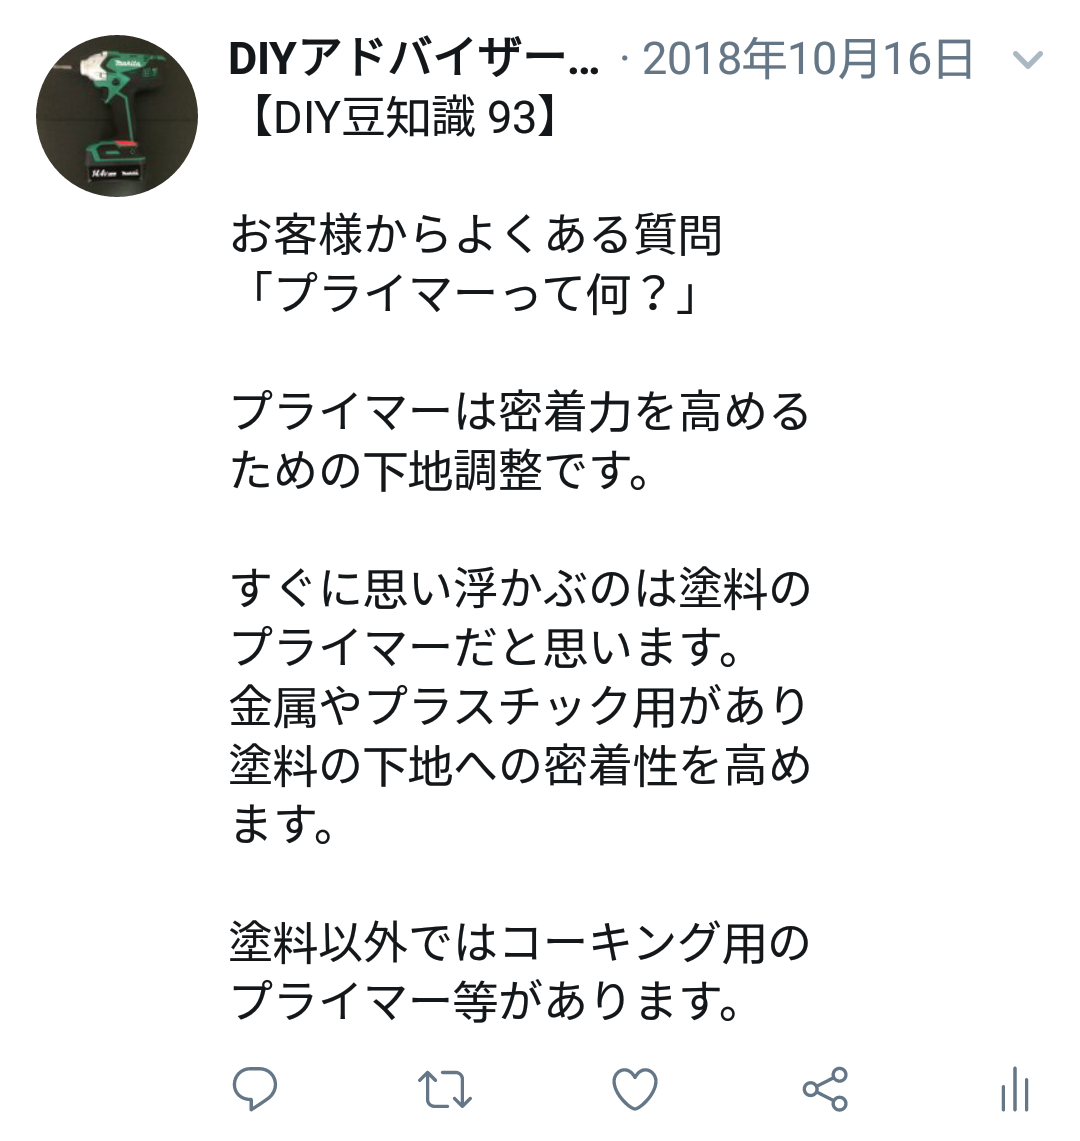 f:id:DIY33:20190406184719p:plain